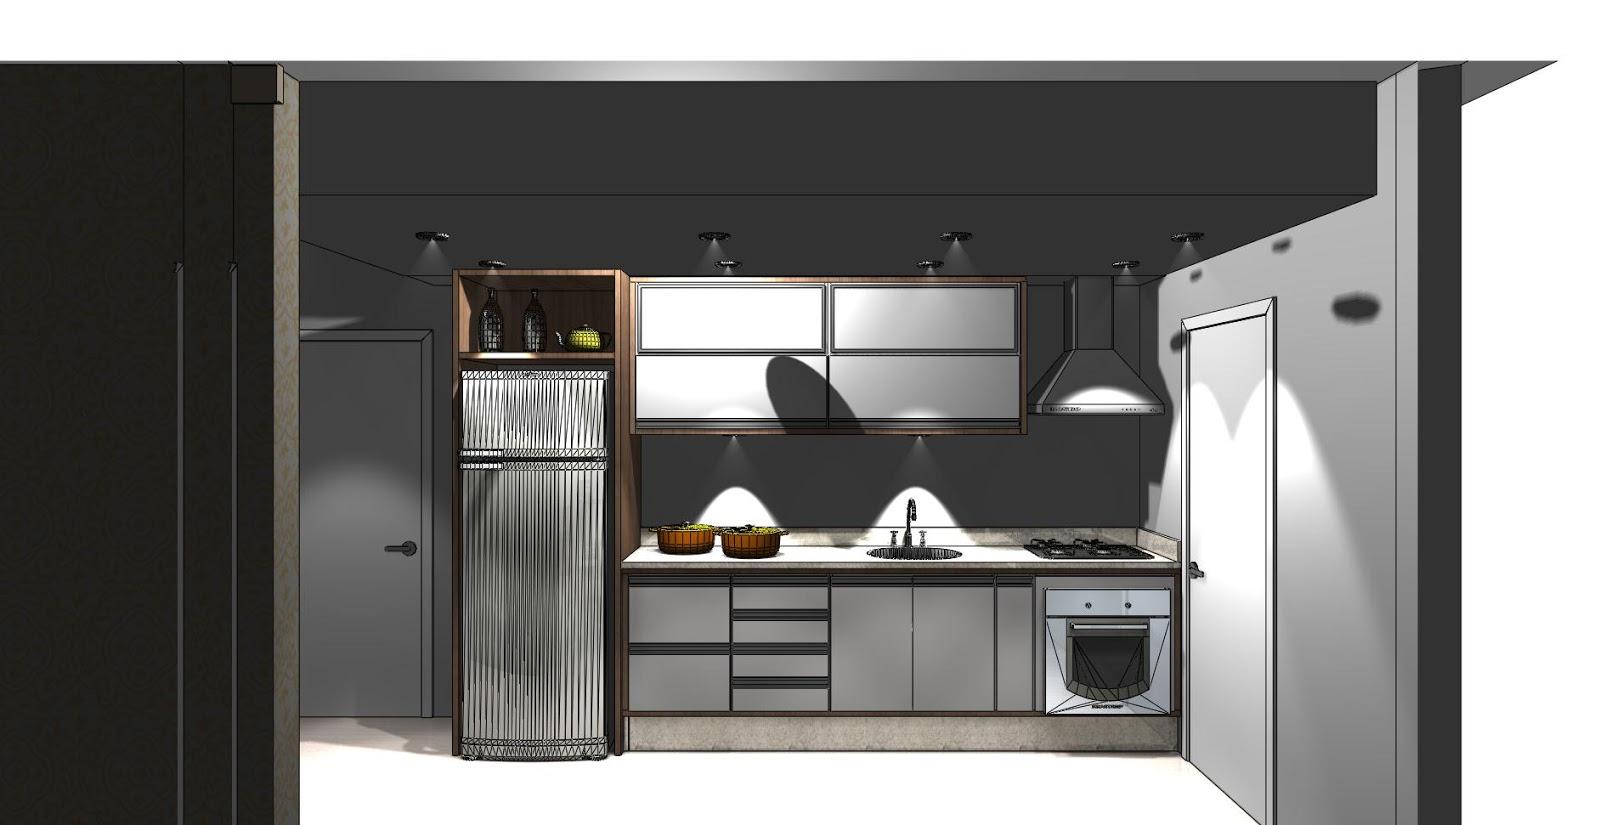 #5F4C3B PROJETO APÊ DOS SONHOS!: Projeto cozinha 1600x825 px Fazer Projeto Para Cozinha_3411 Imagens